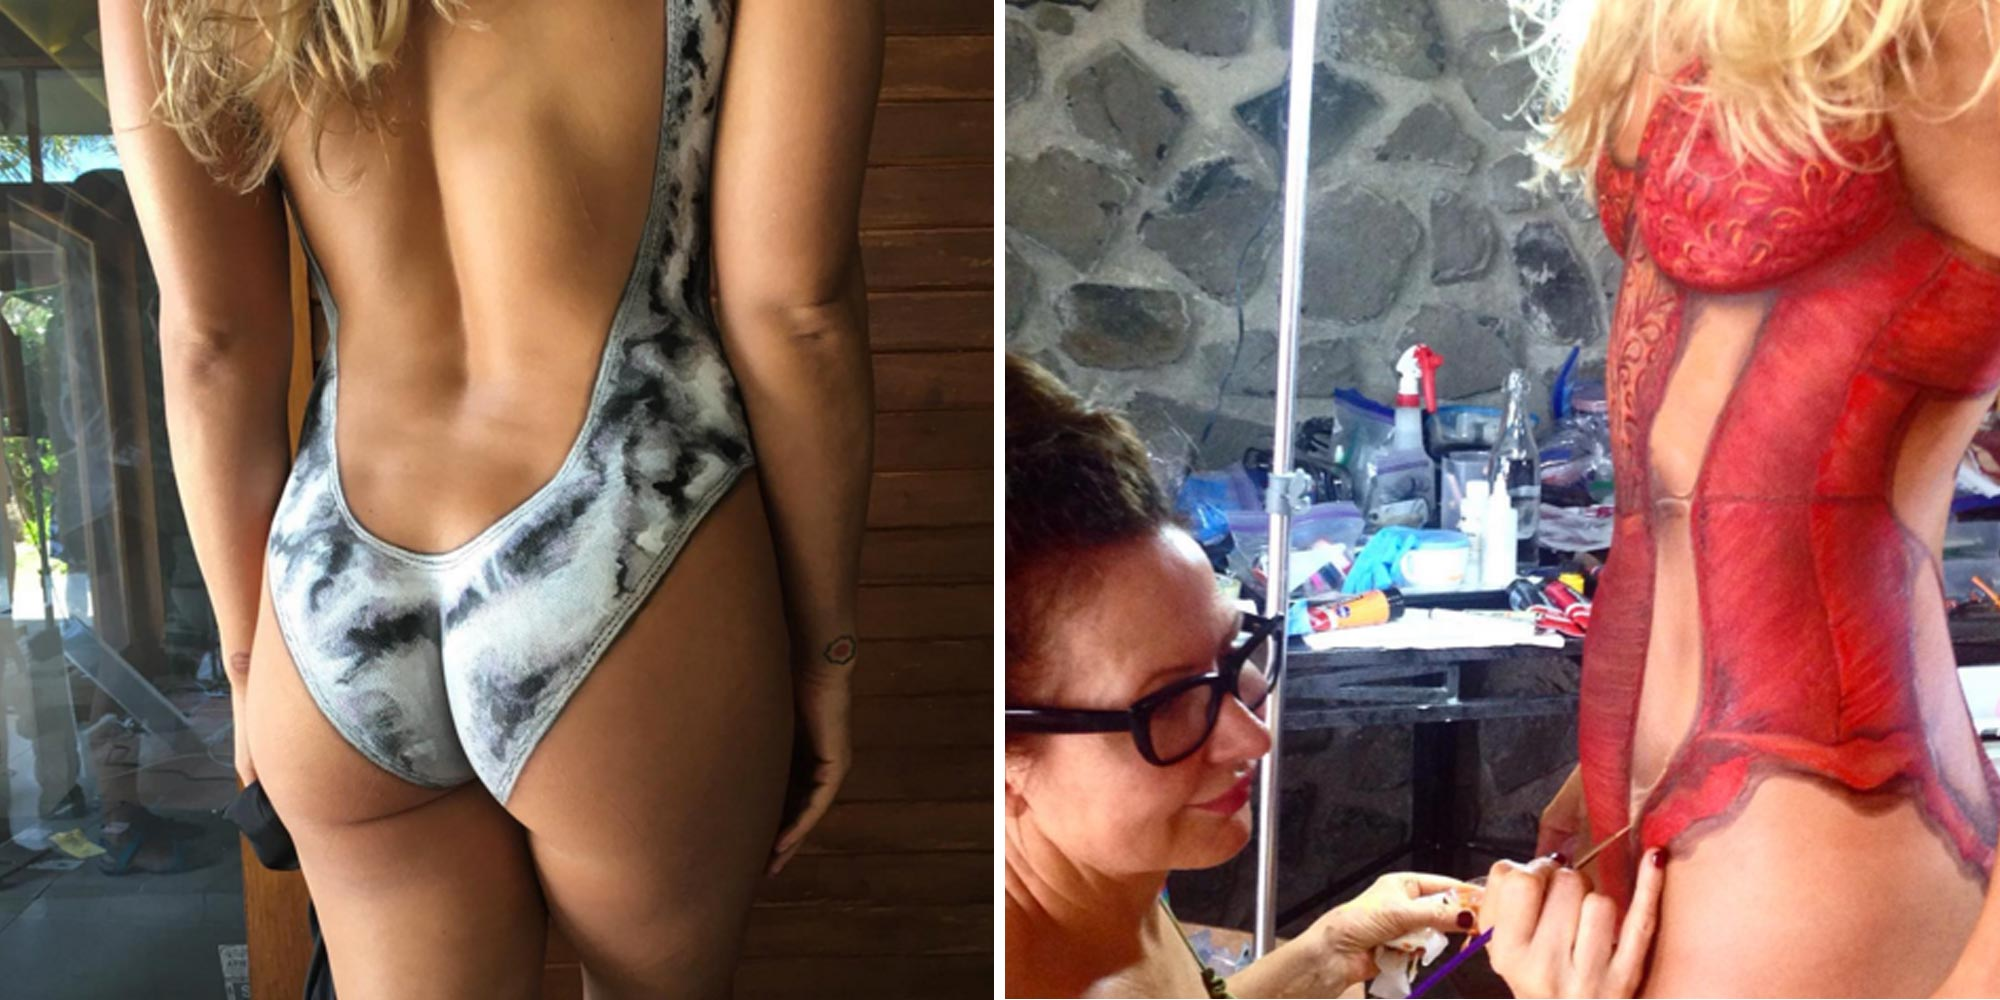 bikini clad girl